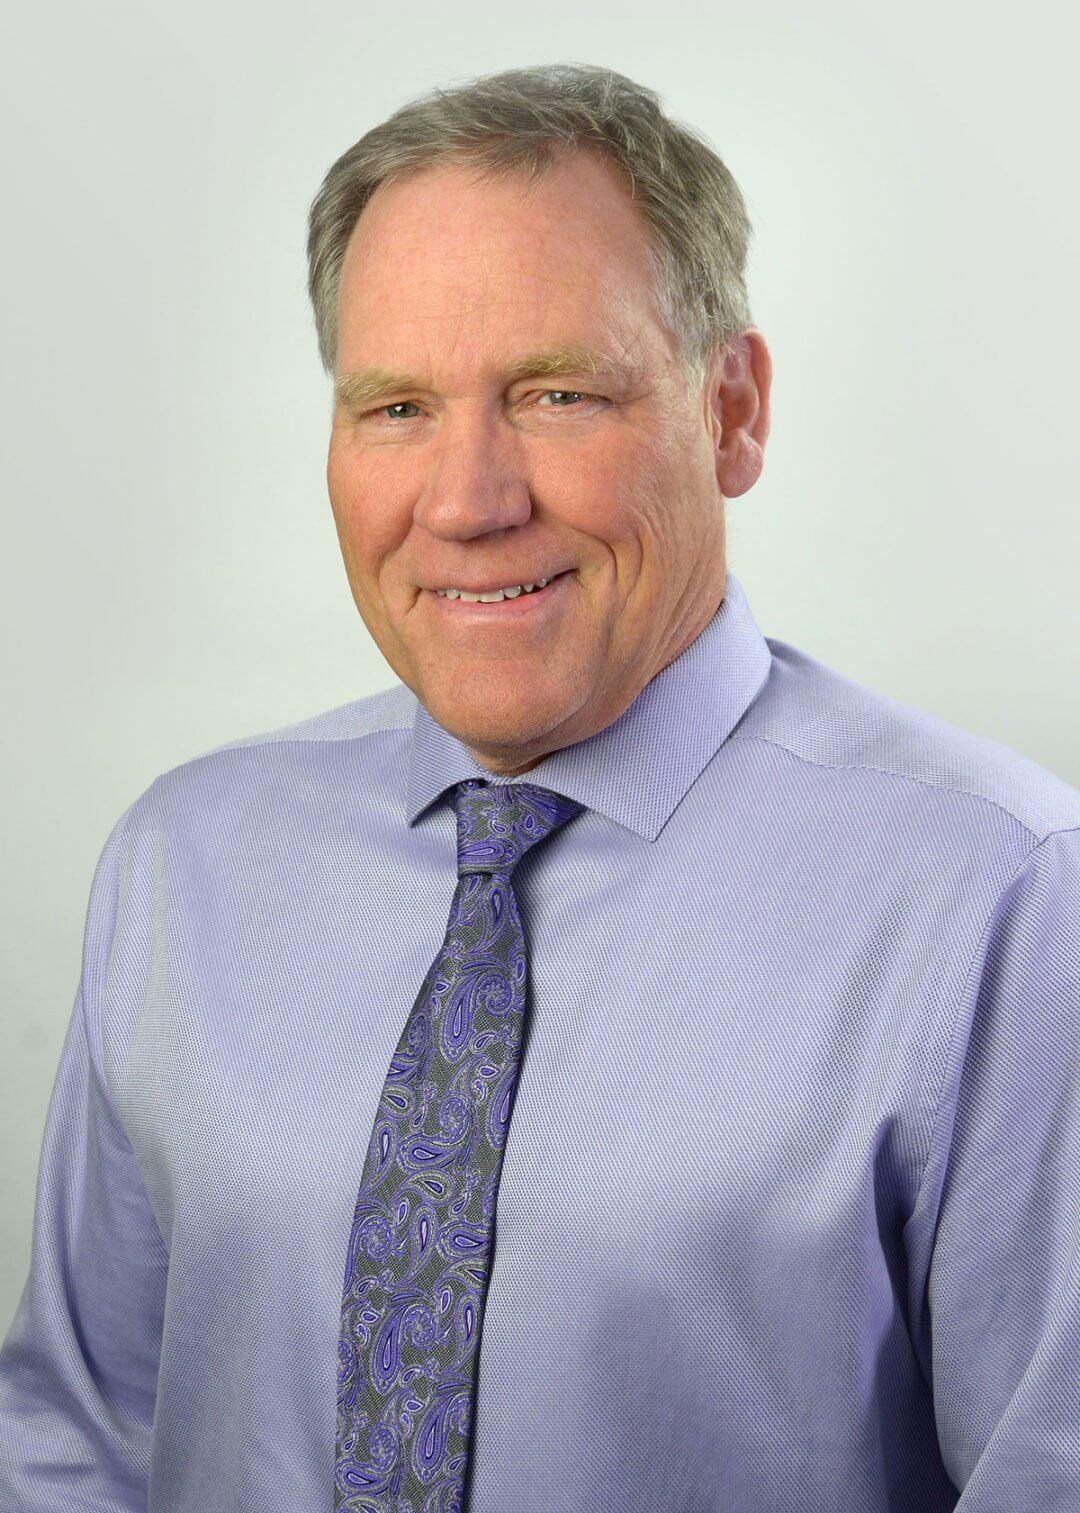 Keith-Brooks